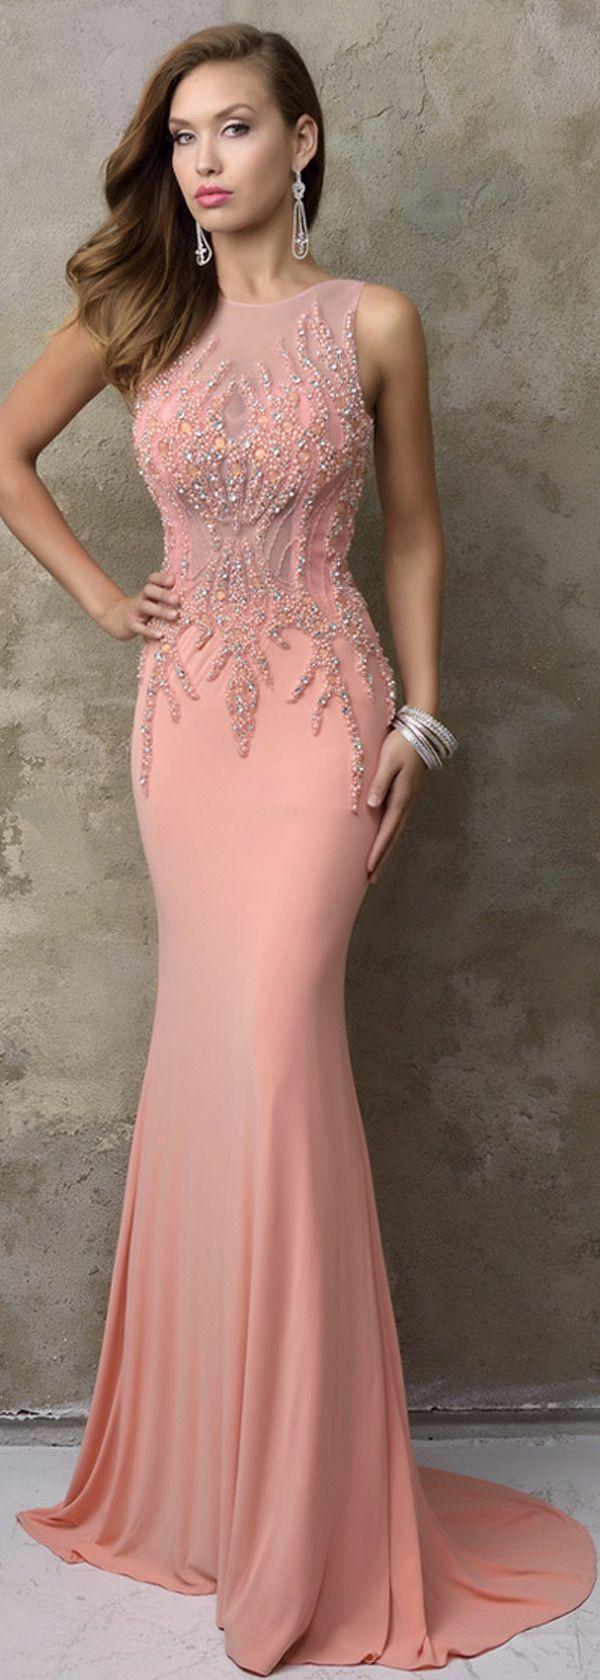 958 best Fashion images on Pinterest   Feminine fashion, Leather ...